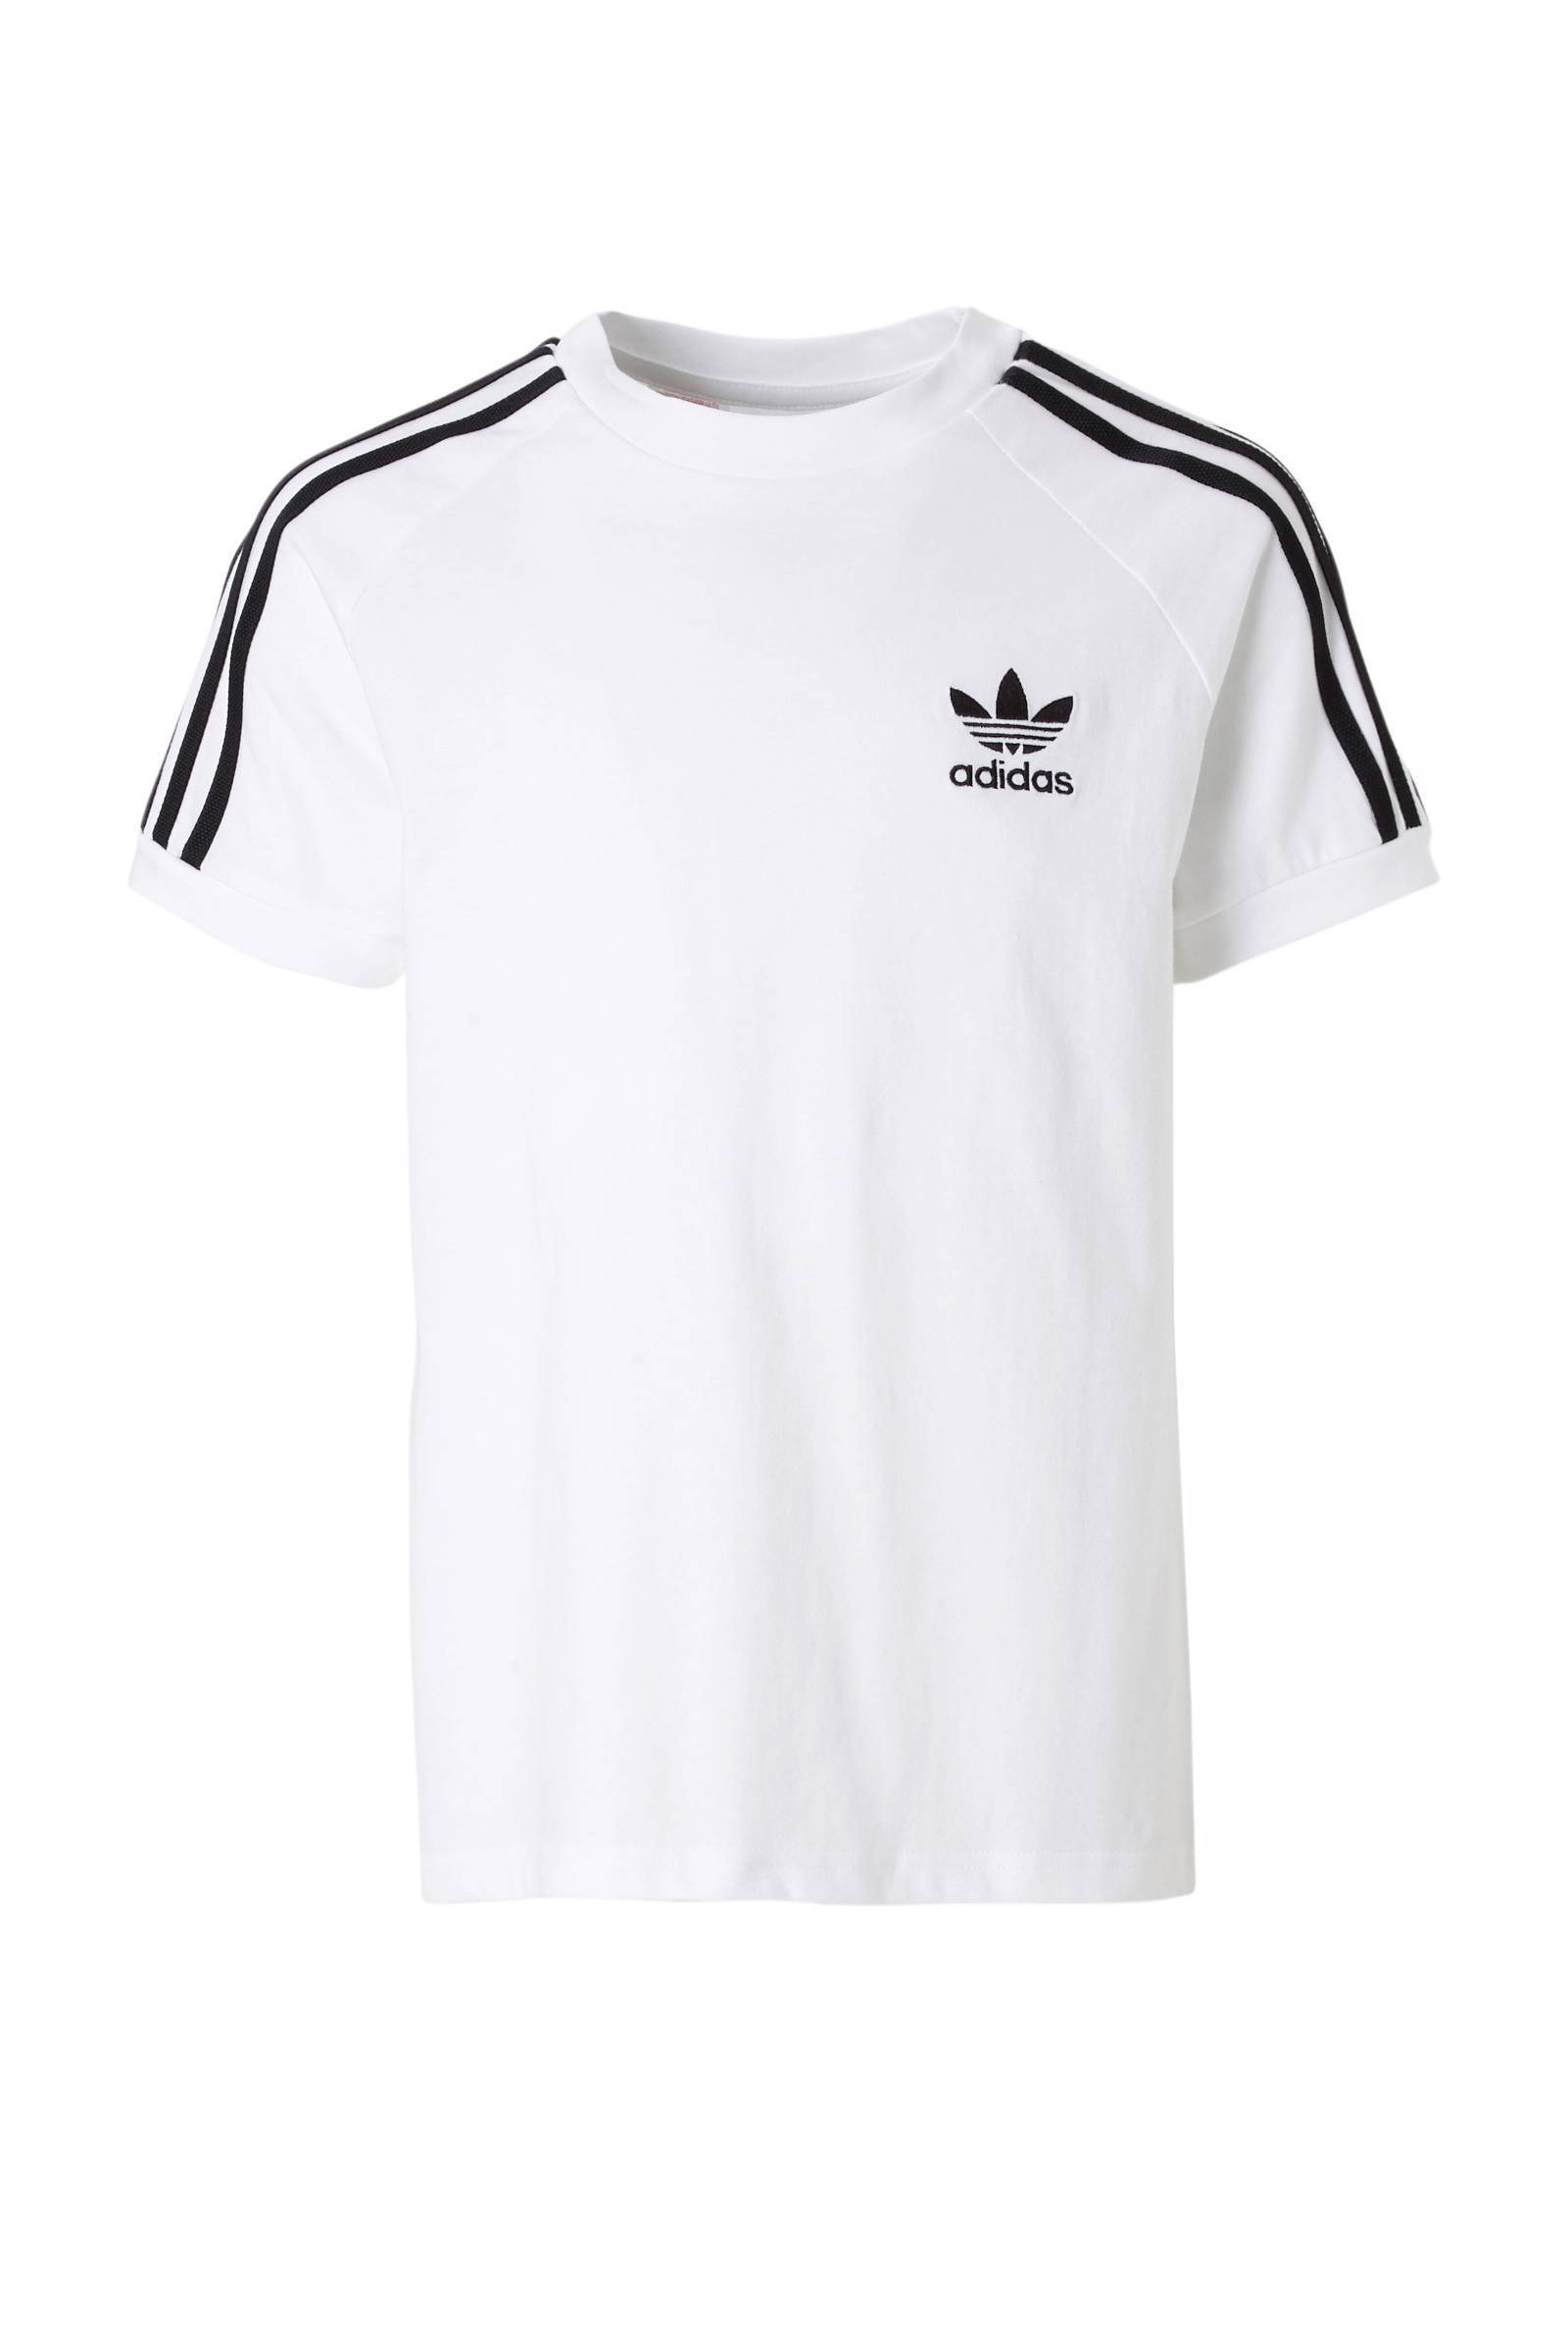 Acquisti Online 2 Sconti su Qualsiasi Caso adidas white